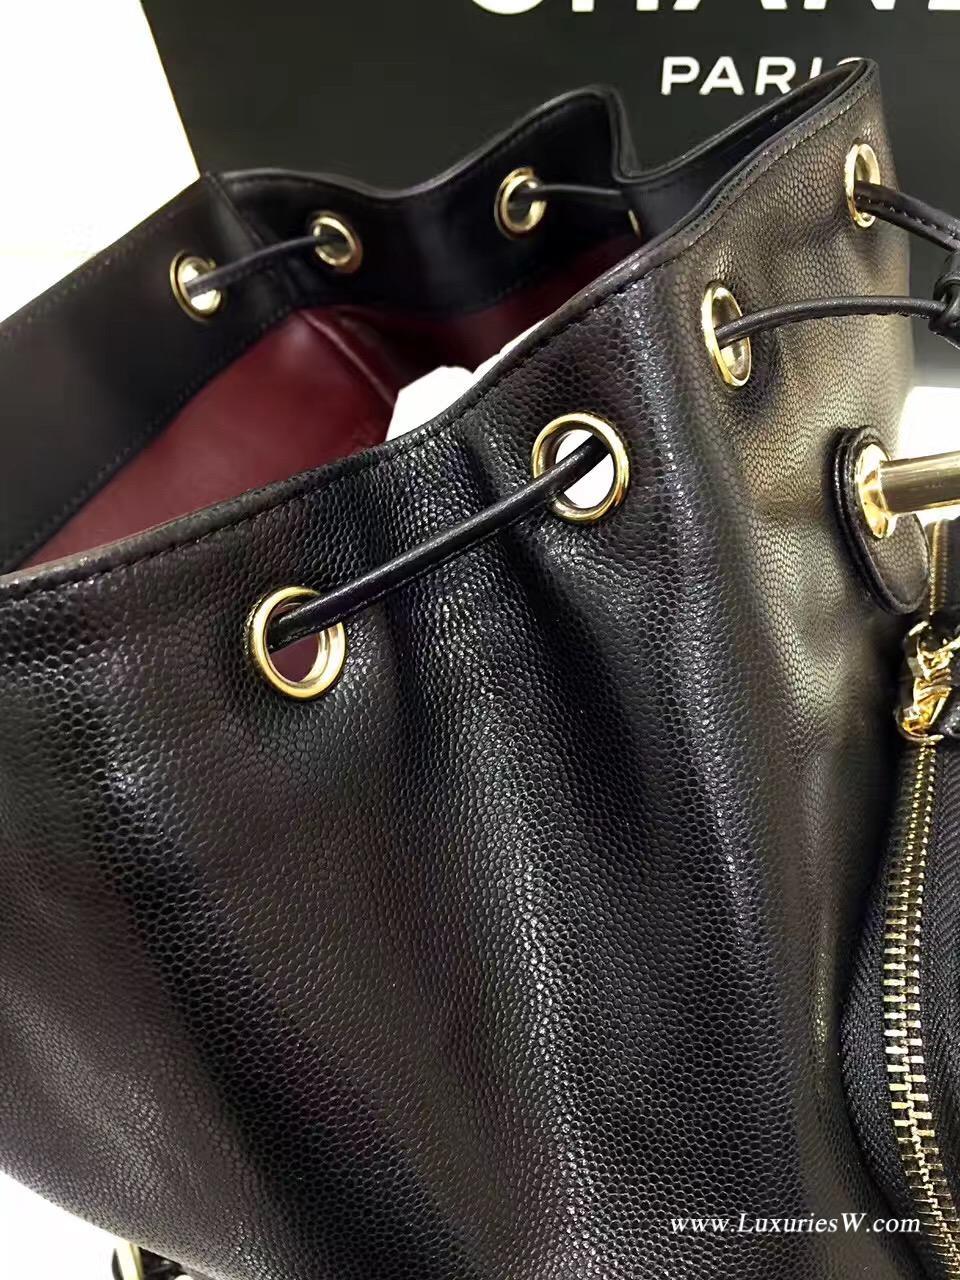 小香女包2017春夏新款 黑色細顆粒超軟小牛皮限量版雙肩背包